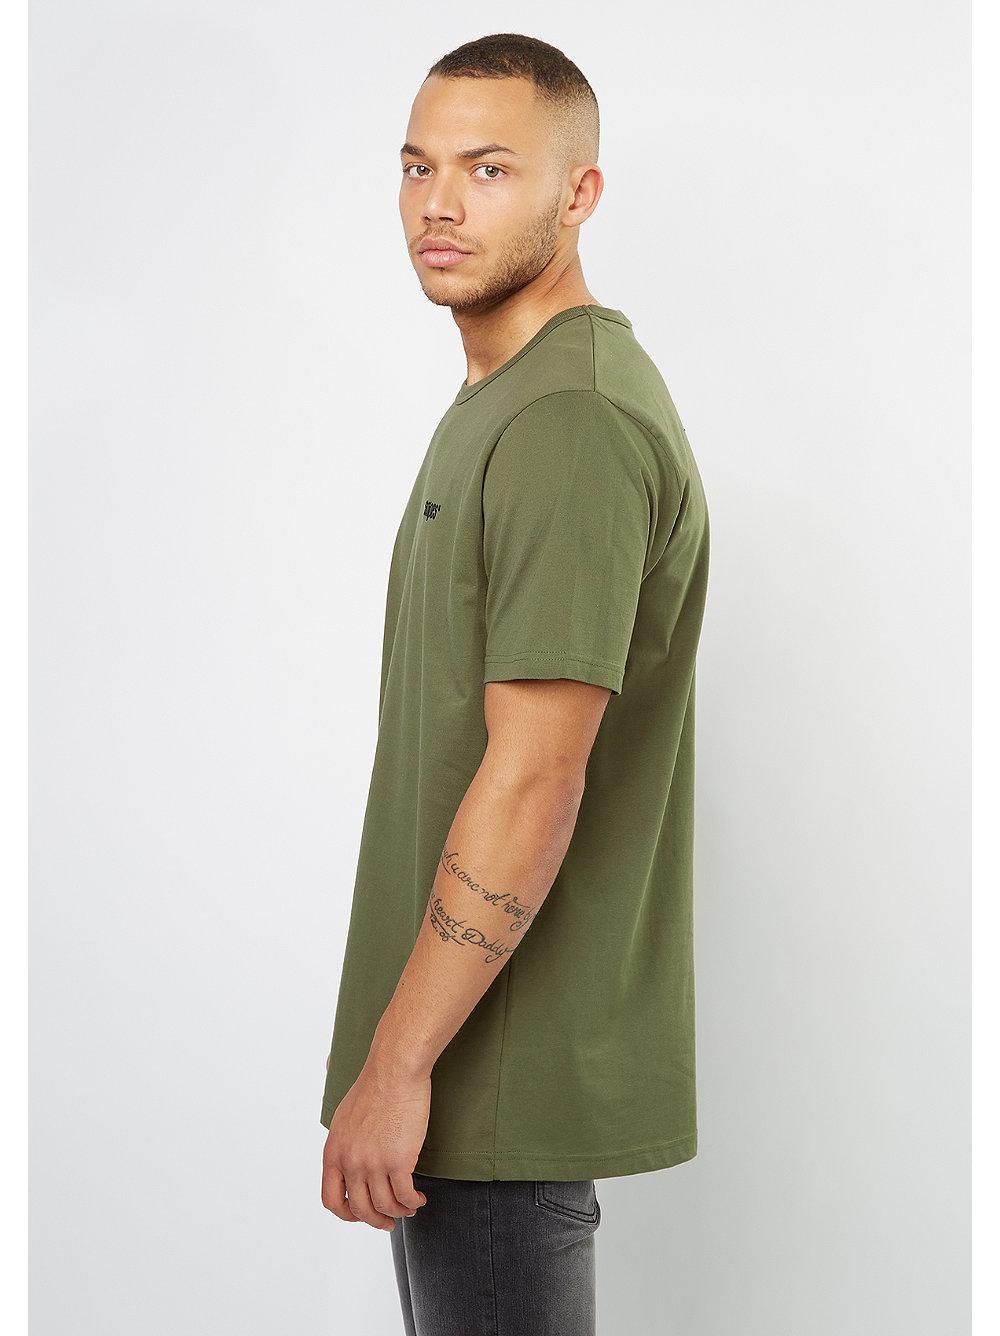 snipes t shirt chest logo olive night snipes onlineshop. Black Bedroom Furniture Sets. Home Design Ideas